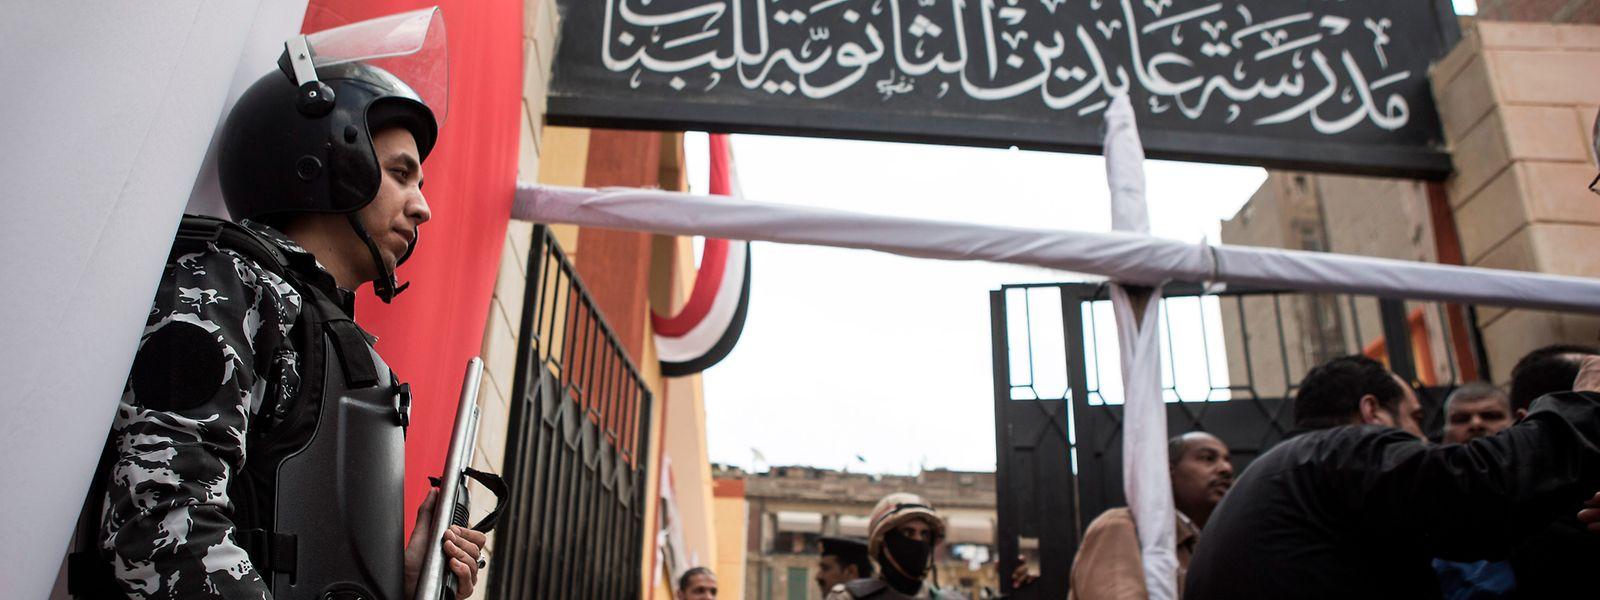 In Kairo gehen Menschen für ein Referendum über neue Machtbefugnisse für Ägyptens Präsidenten Al-Sisi zur Wahl. Vor den Wahllokalen stehen Polizisten.